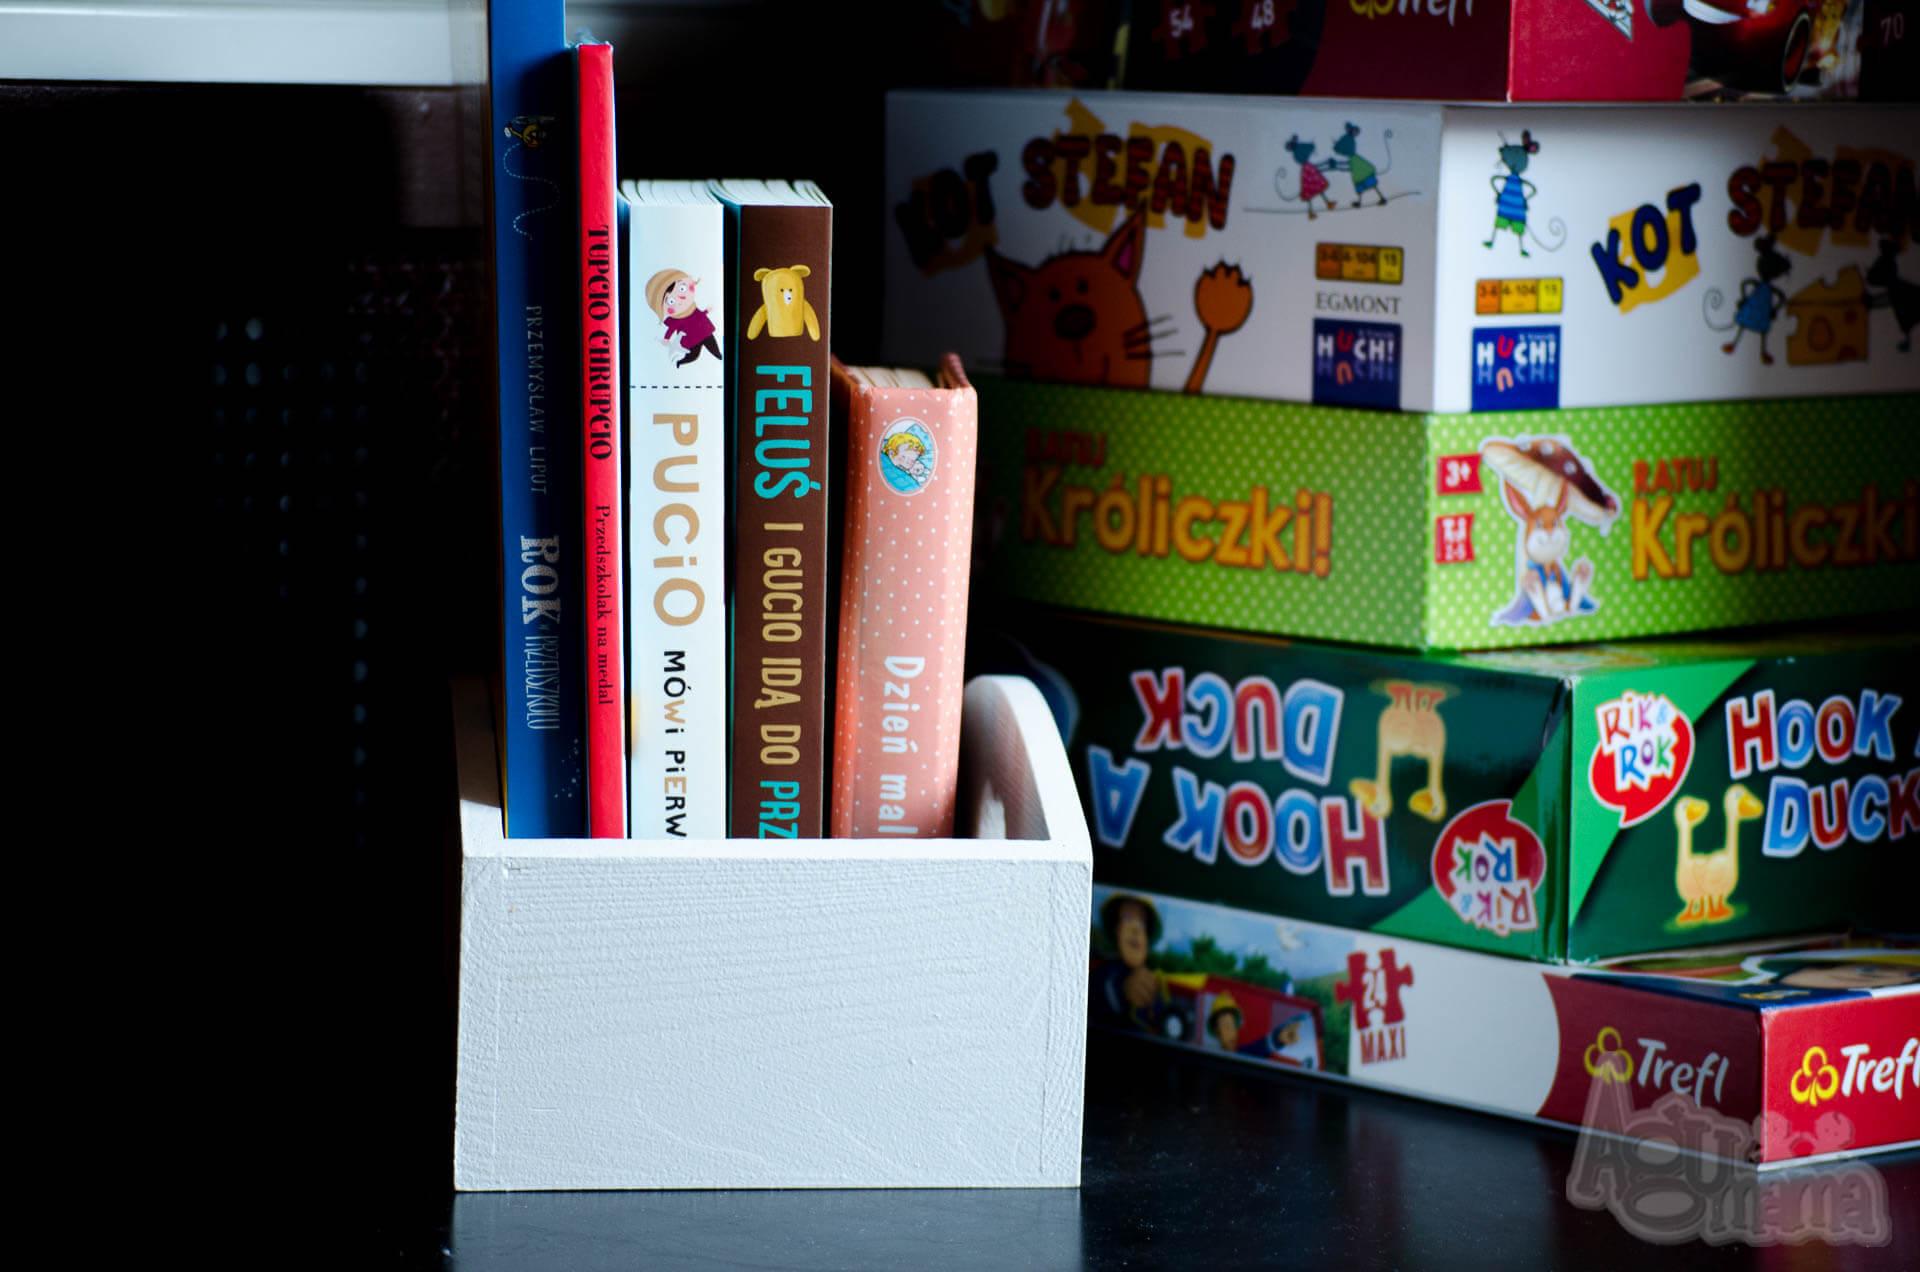 dziecko idzie do przedszkola książki o przedszkolu